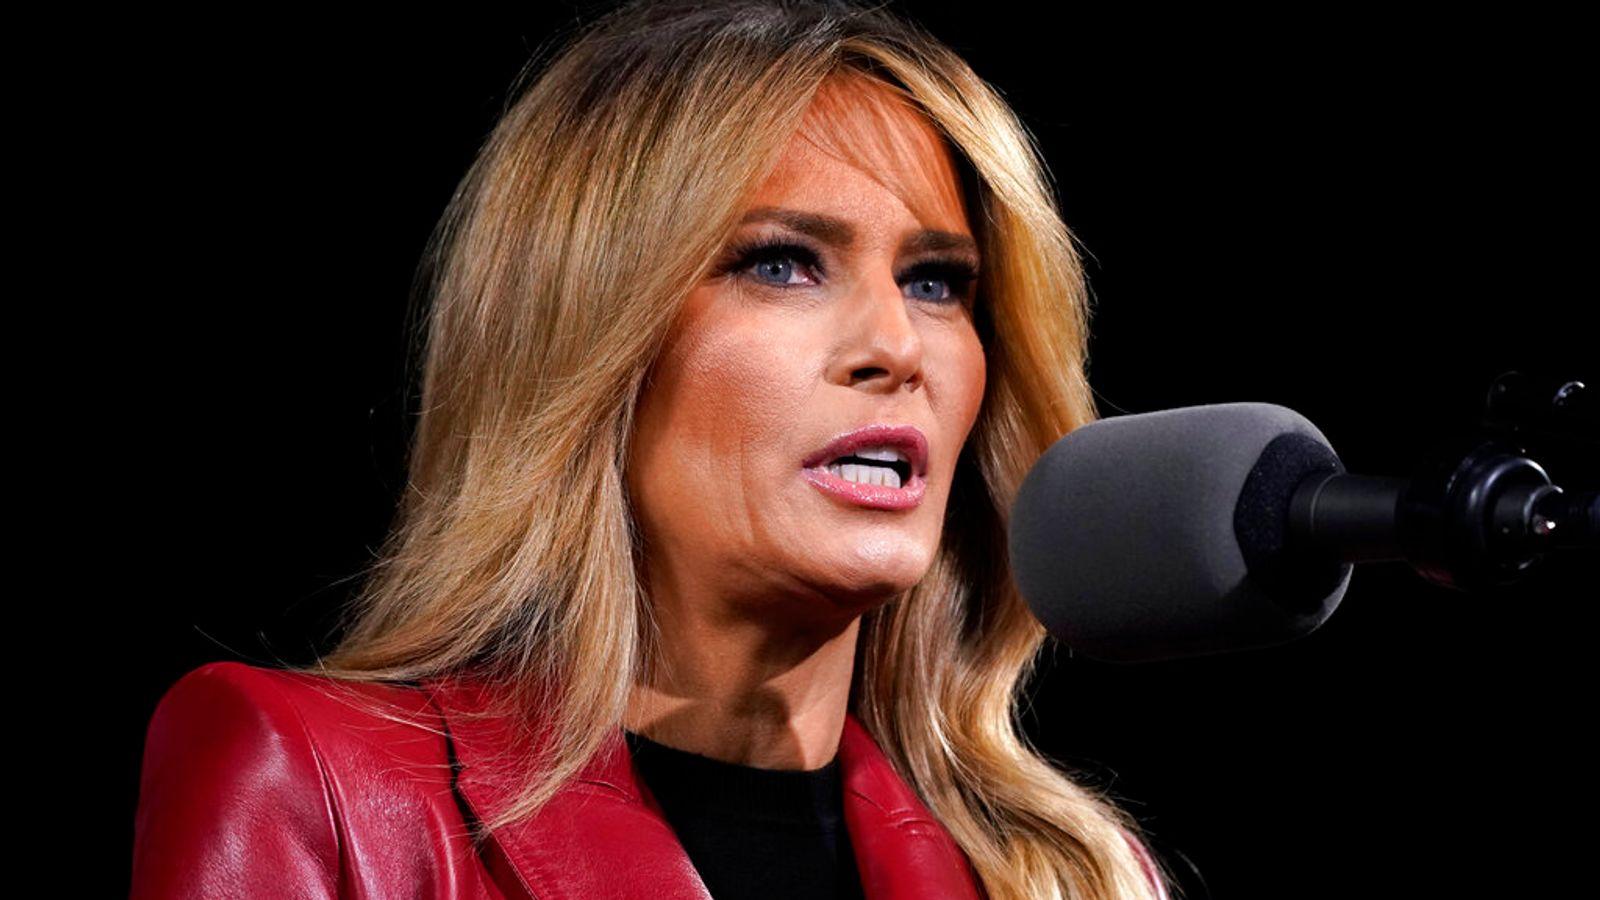 """Melania Trump ha dicho que está """"decepcionada"""" y """"desanimada"""" por los disturbios en el Capitolio la semana pasada, antes de agregar que es """"vergonzoso"""" que desde entonces ha sido blanco de """"chismes lascivos"""" y """"ataques personales"""". La primera dama hizo las declaraciones en un comunicado el lunes cuando dijo que """"esta vez se trata únicamente de sanar a nuestro país"""" y no debe utilizarse para """"beneficio personal"""". No está claro a qué ataques personales se refiere la esposa del presidente estadounidense saliente. Sin embargo, la ex amiga y asesora Stephanie Winston Wolkoff ha criticado a la primera dama por su """"silencio e inacción"""" desde el motín. Wolkoff, quien ha escrito un libro sobre su amistad con Trump, también escribió en un artículo del Daily Beast que el presidente y la primera dama """"carecen de carácter"""" y """"no tienen brújula moral"""". La señora Trump dijo en su declaración que su """"corazón está con los que murieron cuando los manifestantes irrumpieron en el Capitolio"""", antes de agregar: """"Estoy decepcionada y desanimada con lo que sucedió la semana pasada. """"Me parece vergonzoso que en torno a estos trágicos sucesos haya habido chismes lascivos, ataques personales injustificados y acusaciones falsas y engañosas contra mí, de personas que buscan ser relevantes y tienen una agenda."""